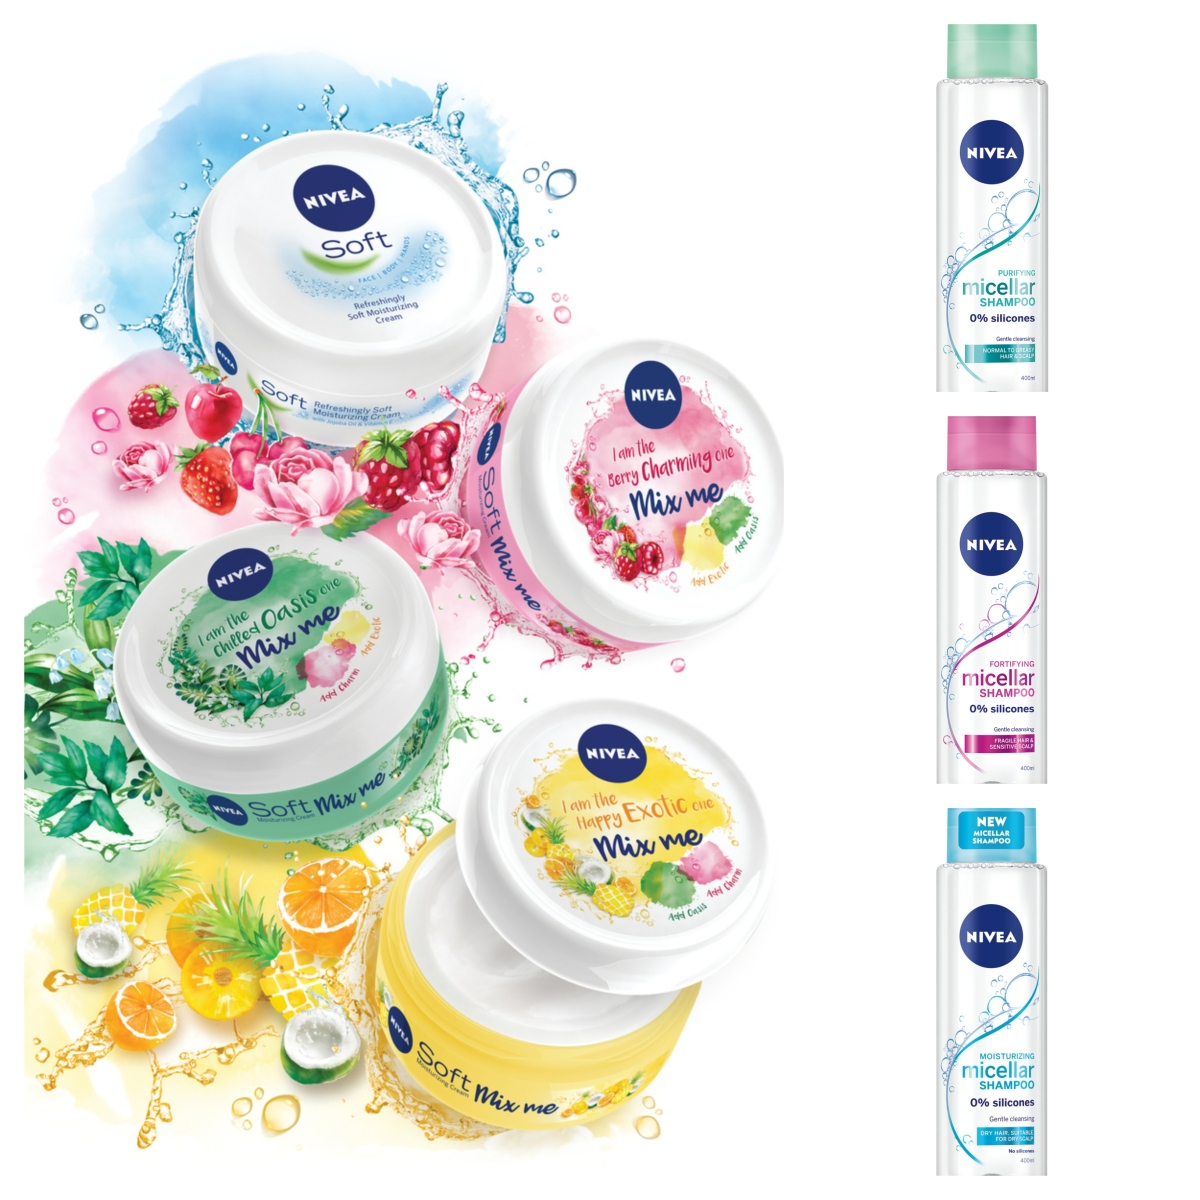 Ново от Nivea: мижеларен шампоан и крем с дъх на лято